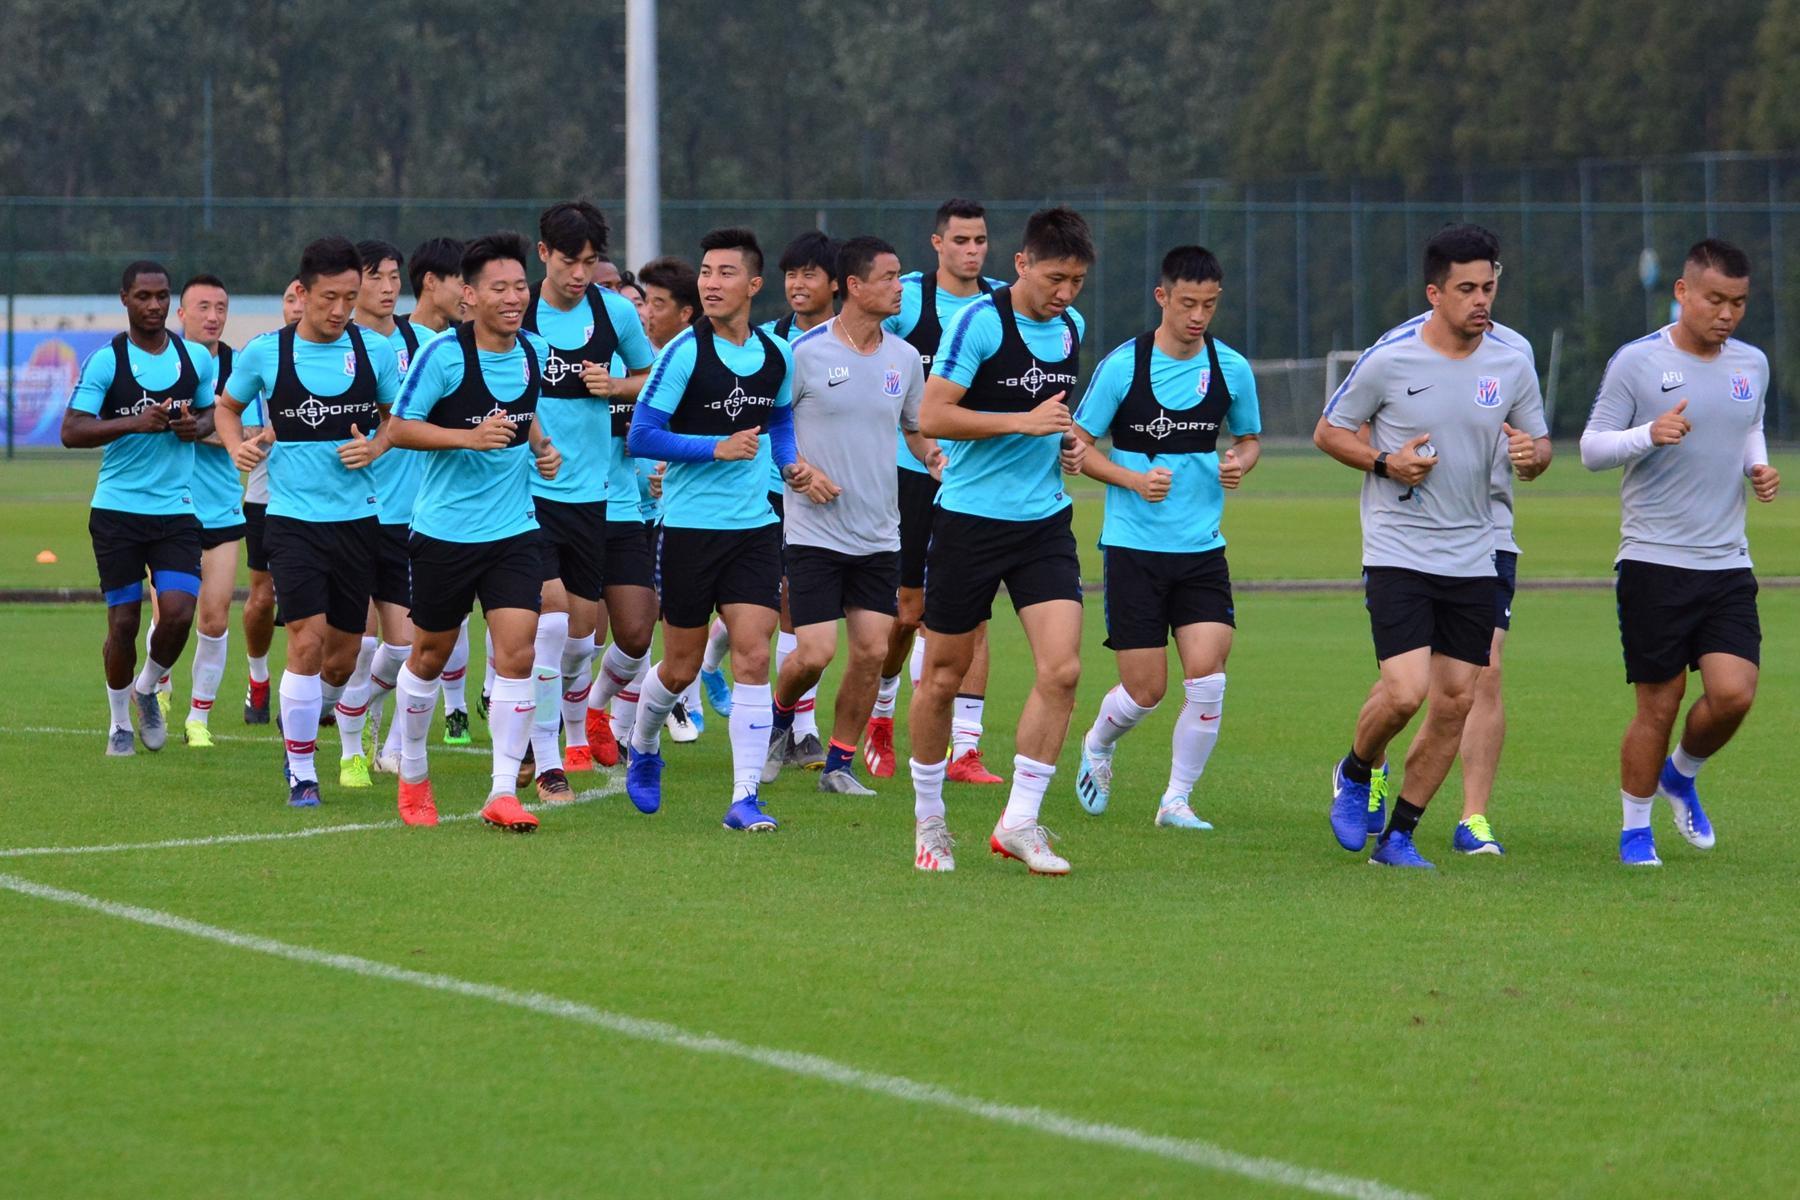 新闻晨报:伊哈洛参加申花合练,刘若钒赴京验伤